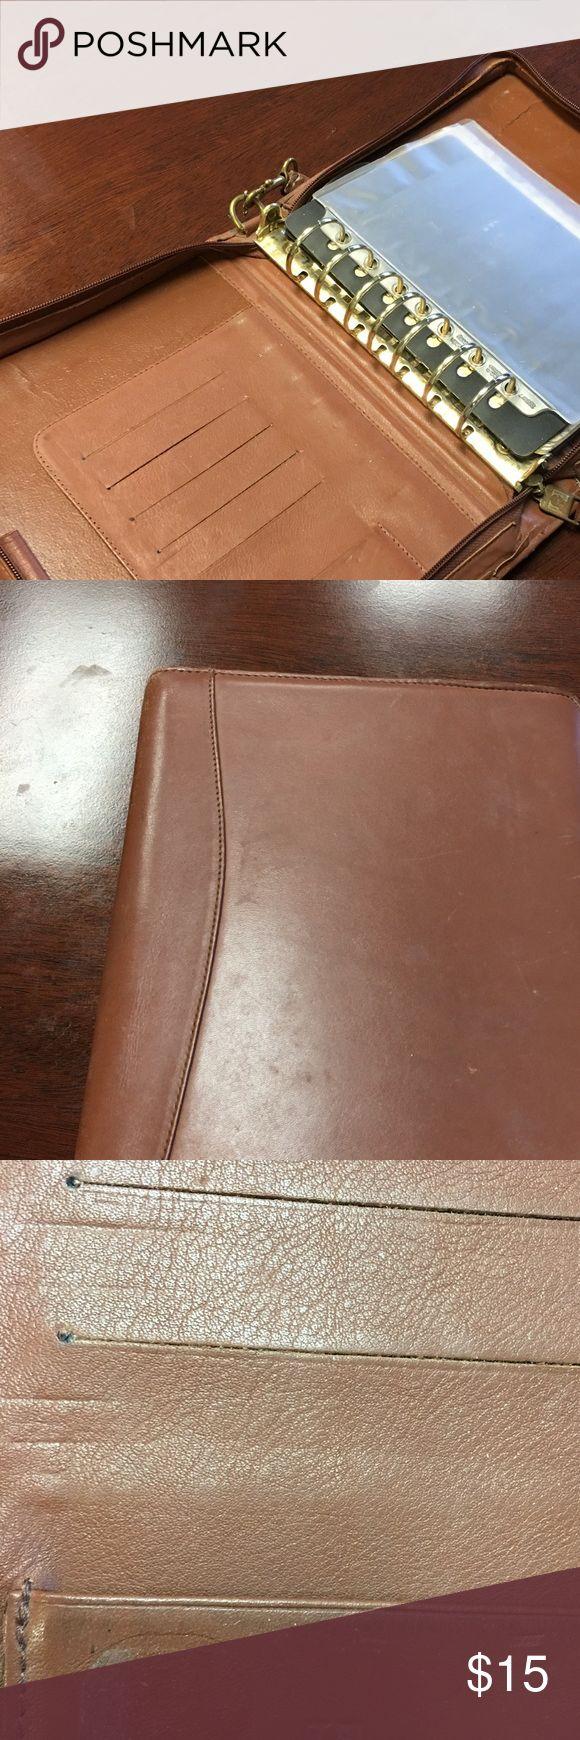 Jordon Leather open wire-bond Franklin Planner Leather Franklin Planner FranklinCovey Other